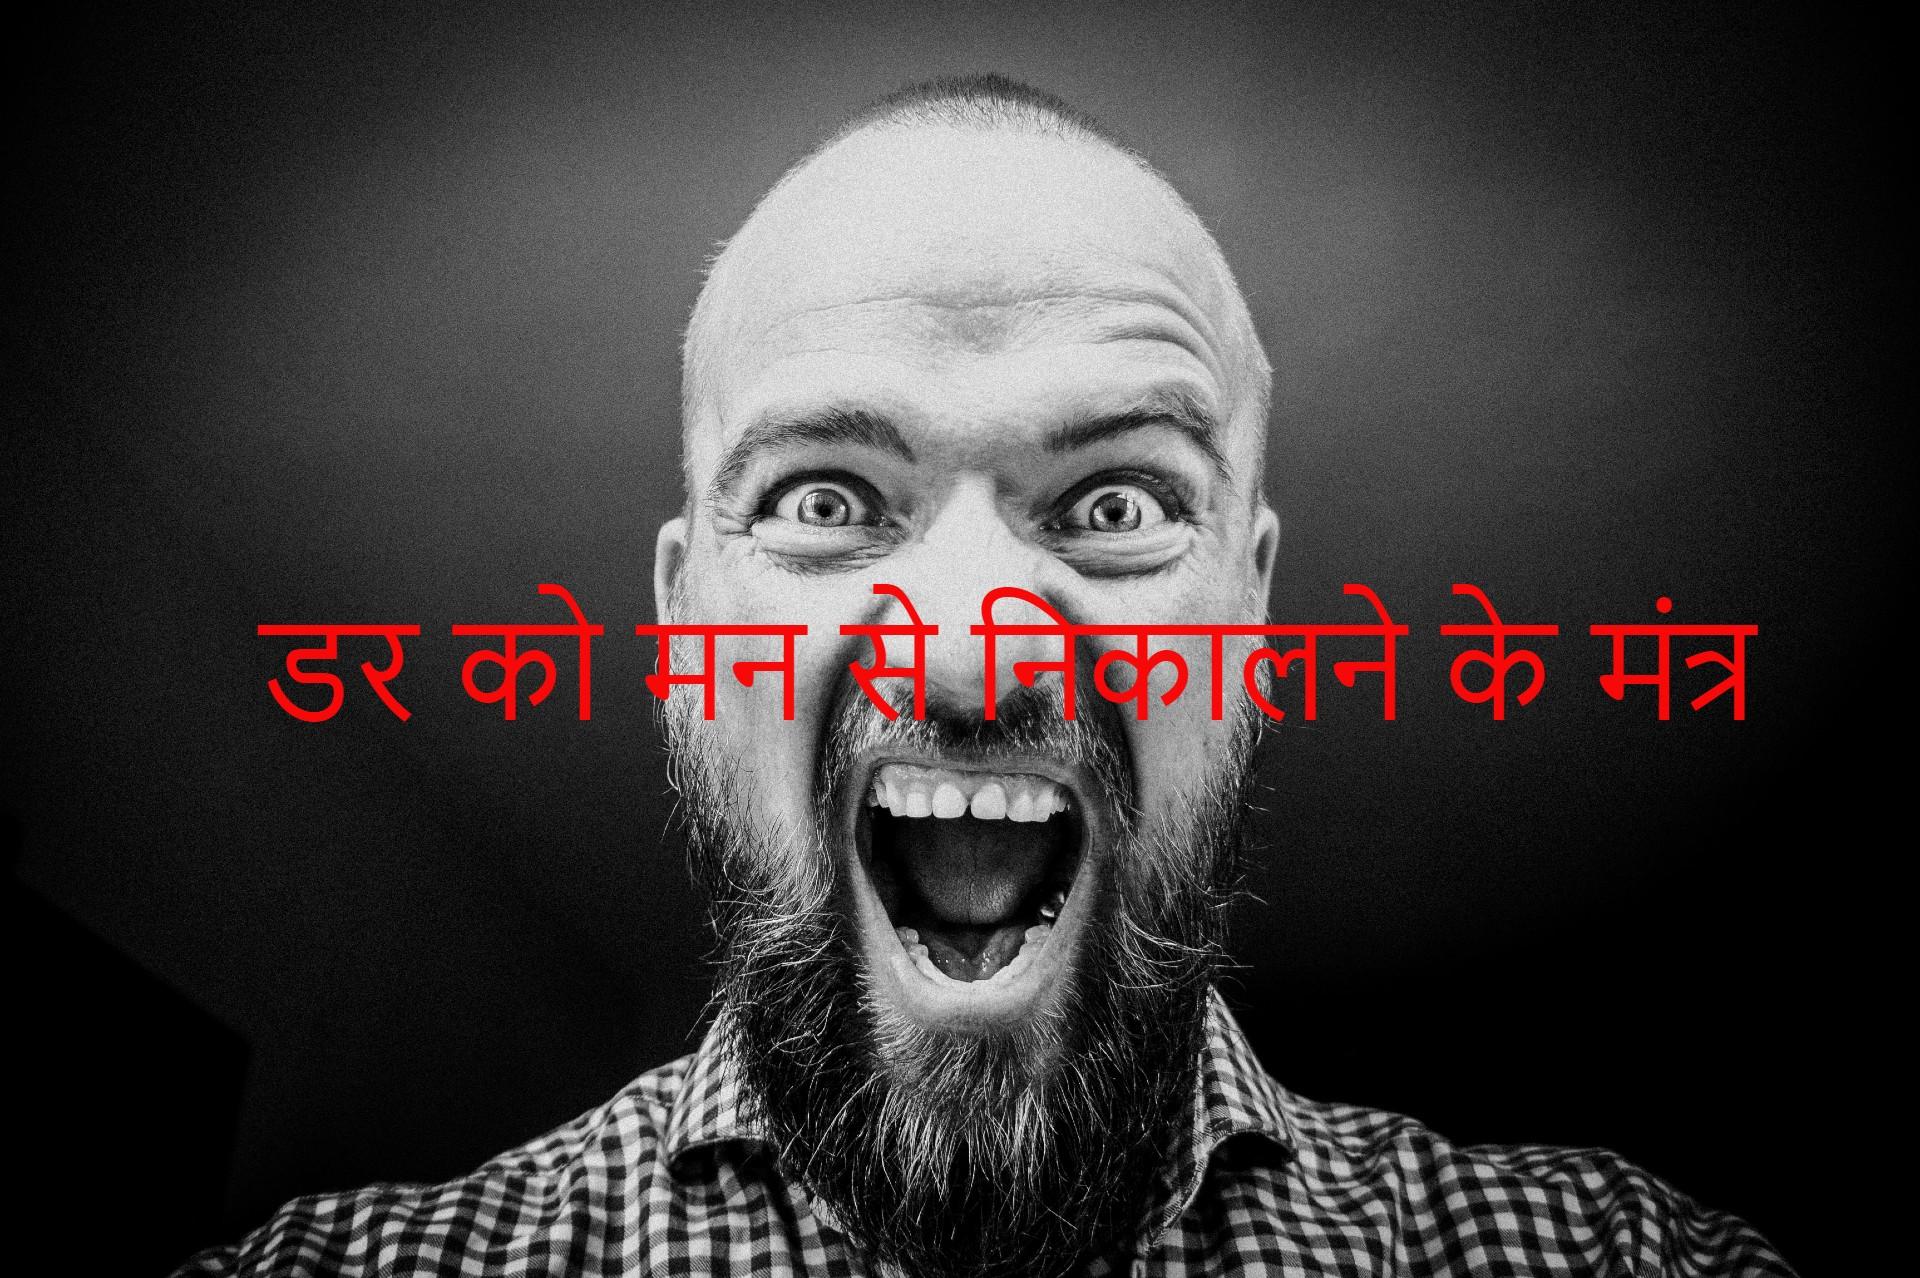 Remove fear mantras